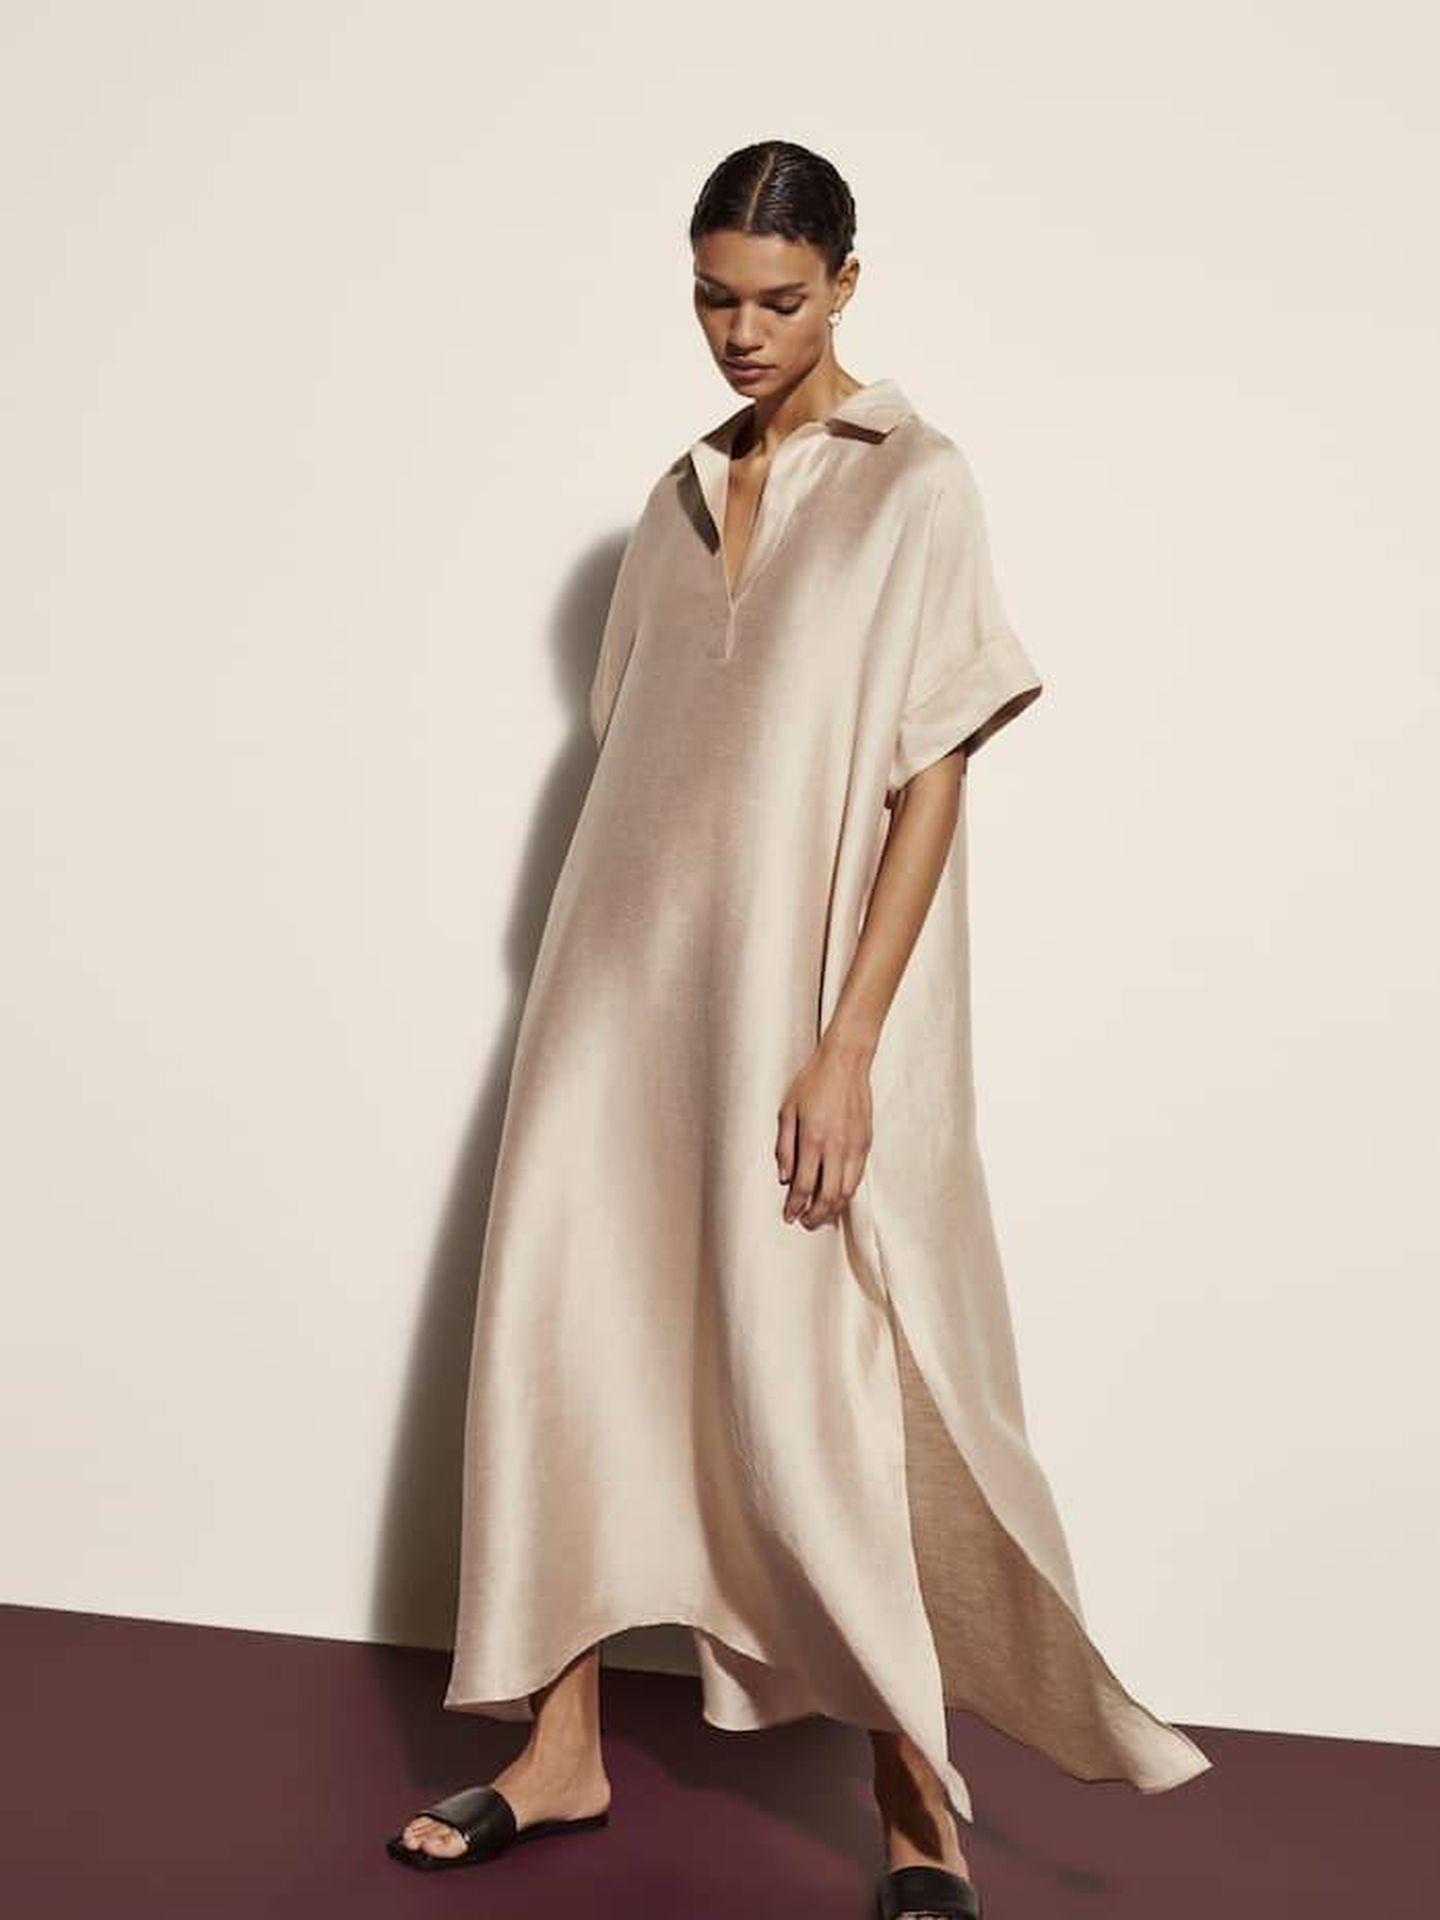 Vestido túnica de Massimo Dutti. (Cortesía)